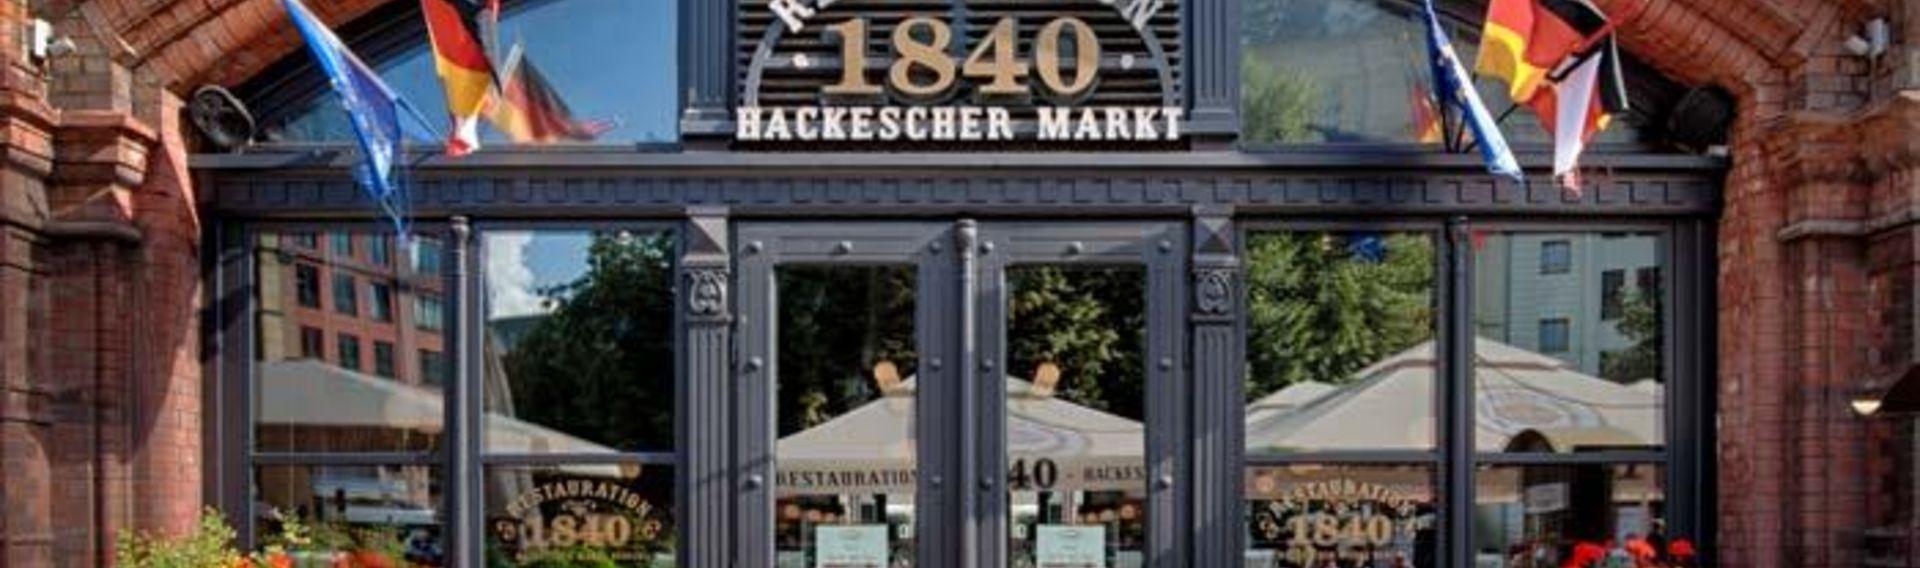 Hackescher Markt Restaurant